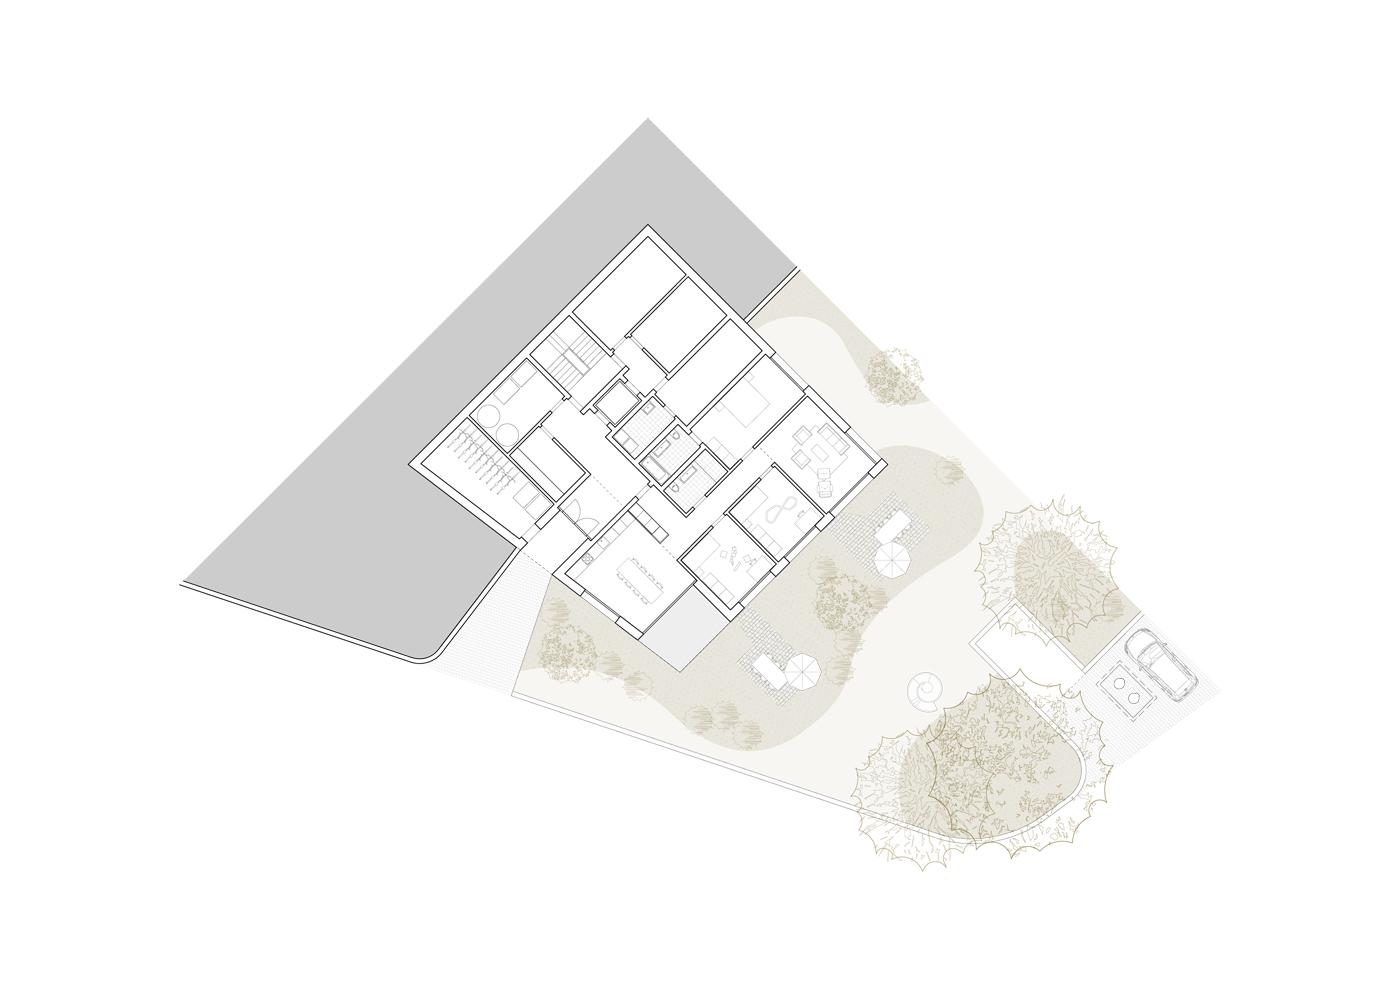 buan architekten – Wohnhaus Nelkenstrasse Emmen – Grundriss Erdgeschoss